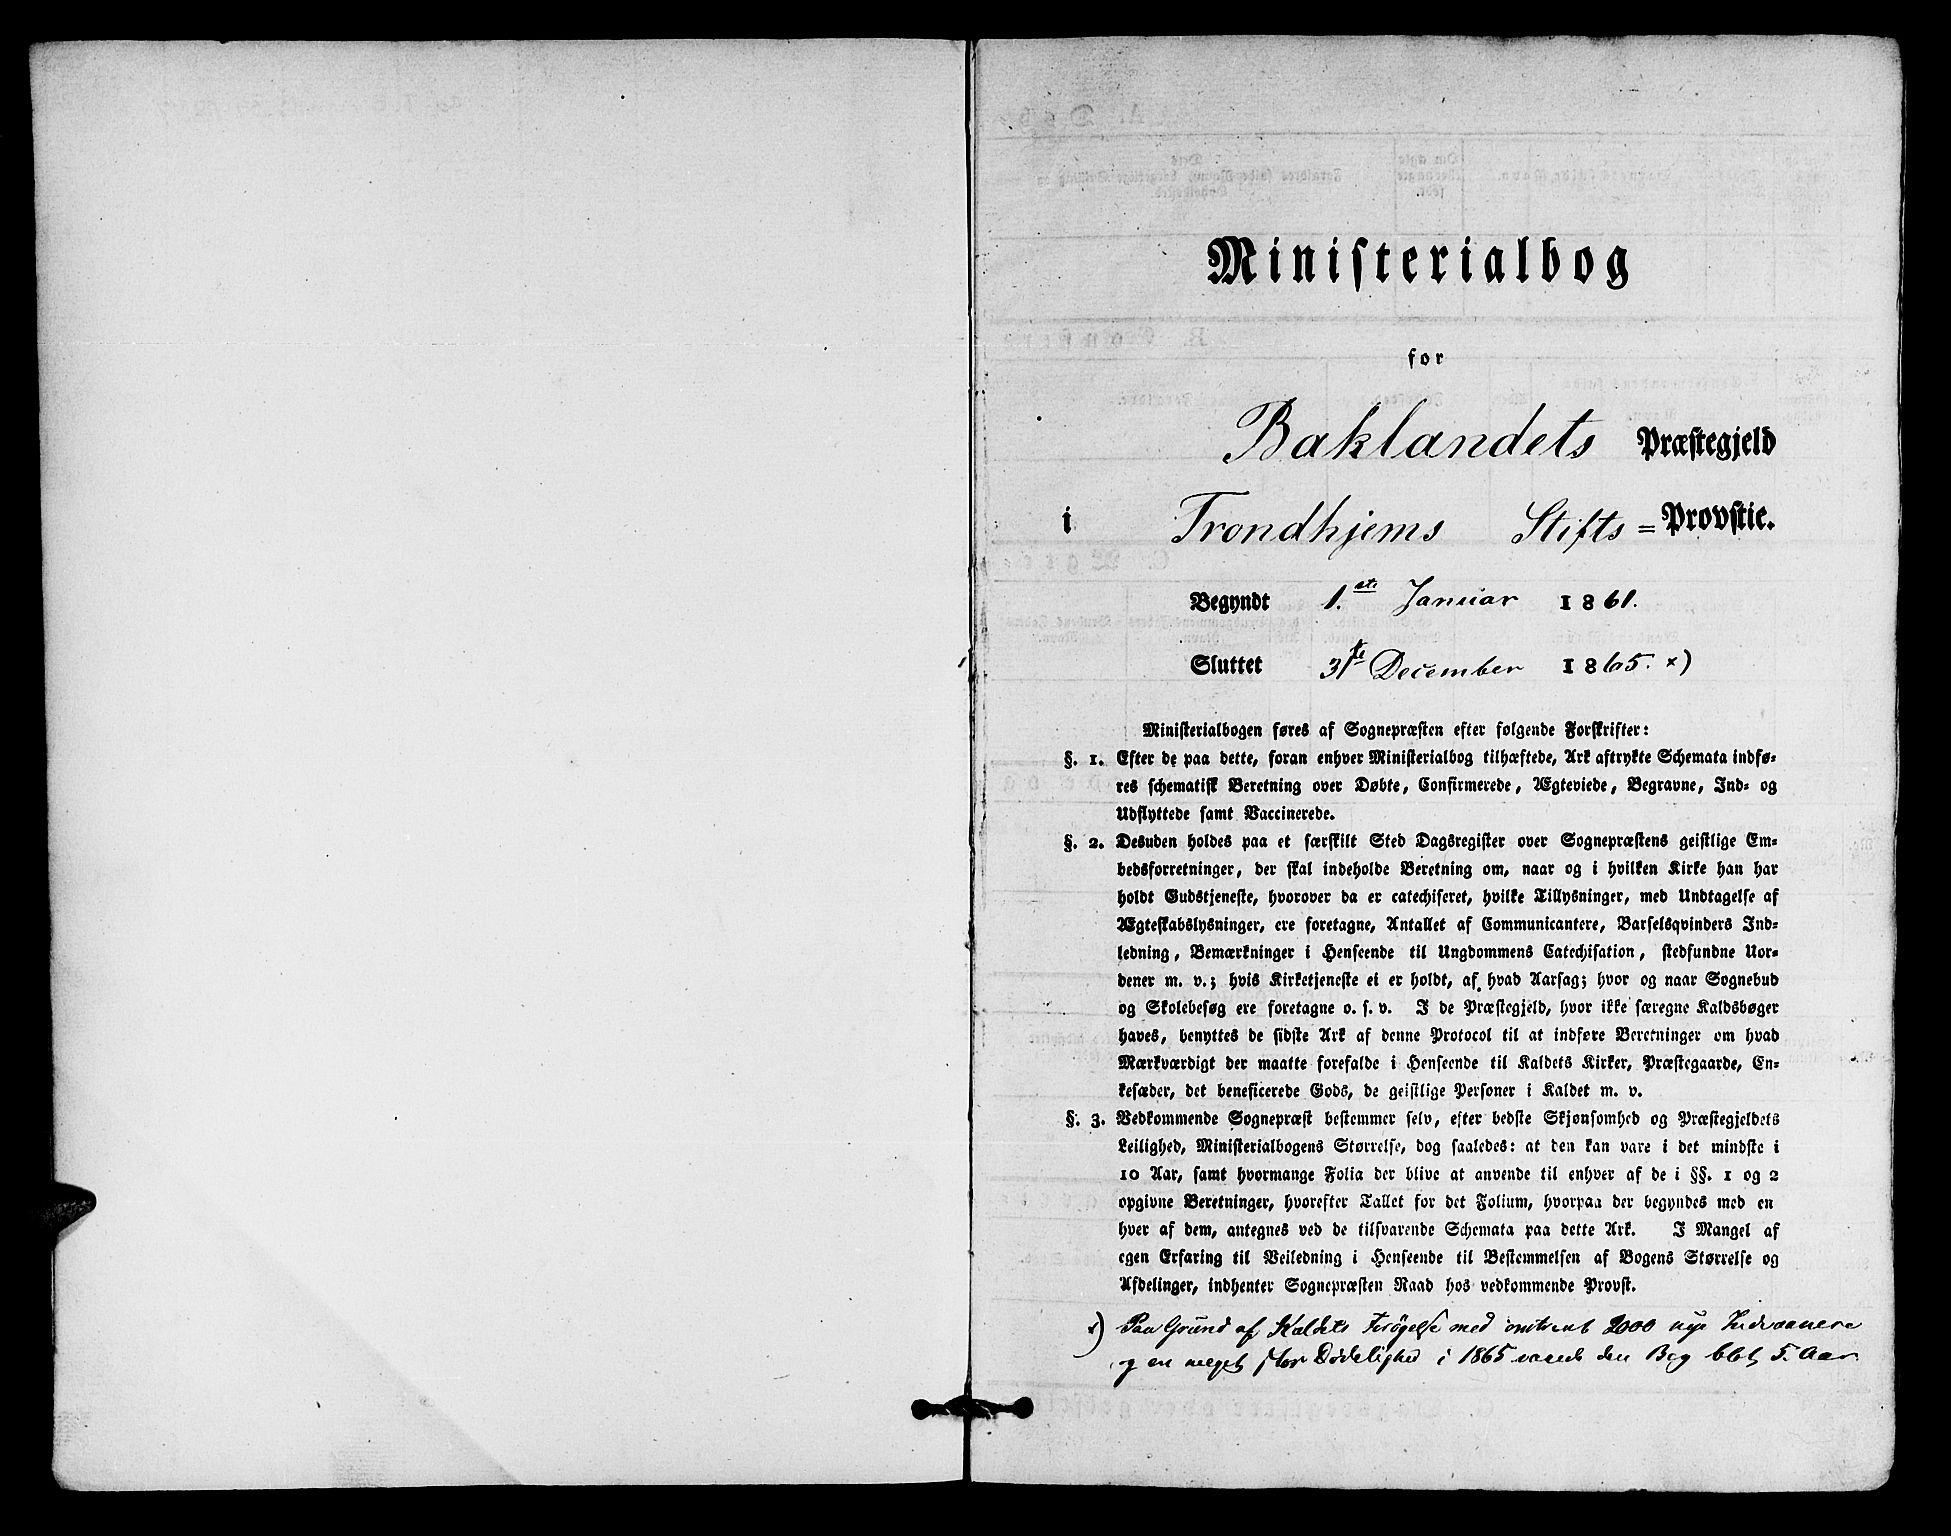 SAT, Ministerialprotokoller, klokkerbøker og fødselsregistre - Sør-Trøndelag, 604/L0185: Ministerialbok nr. 604A06, 1861-1865